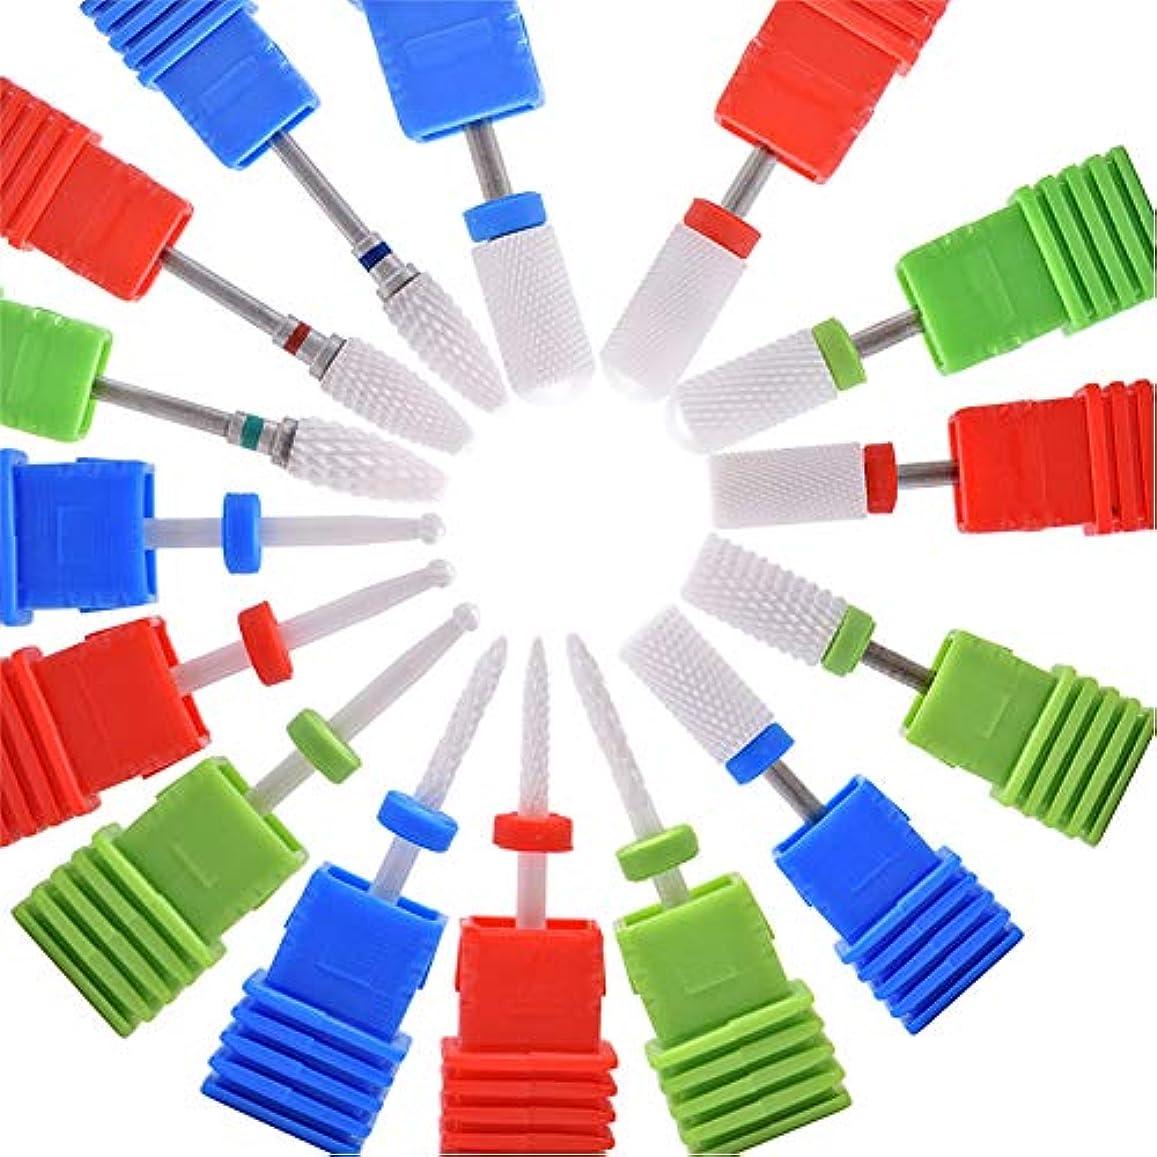 殺しますシャンプー弱まるOral Dentistry ネイルアート ドリルビット 研削ヘッド 研磨ヘッド ネイル グラインド ヘッド 爪 磨き 研磨 研削 セラミック 全3色 15種類